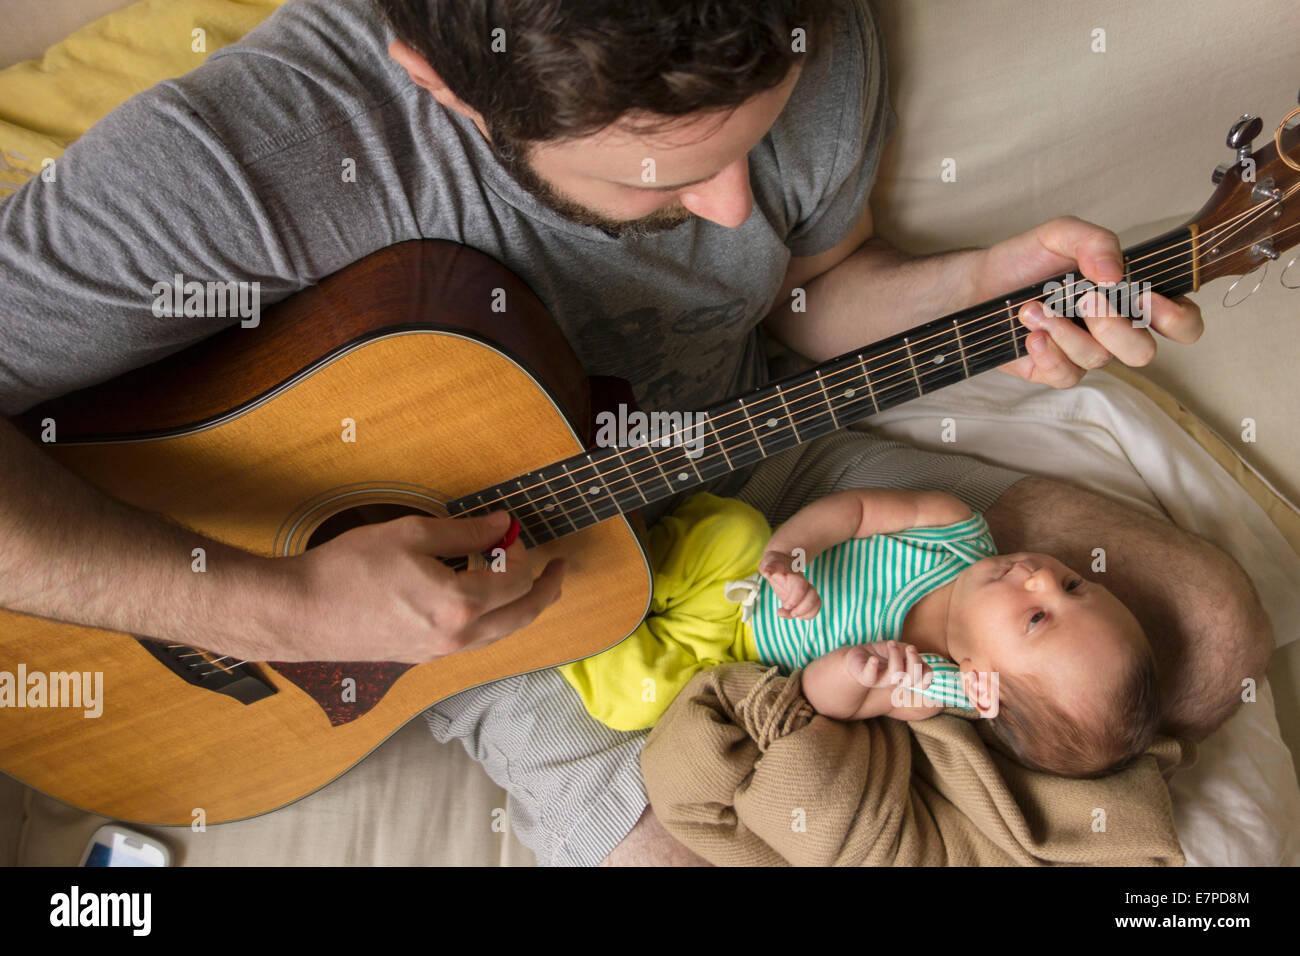 Padre tocando la guitarra para su hija recién nacida Imagen De Stock